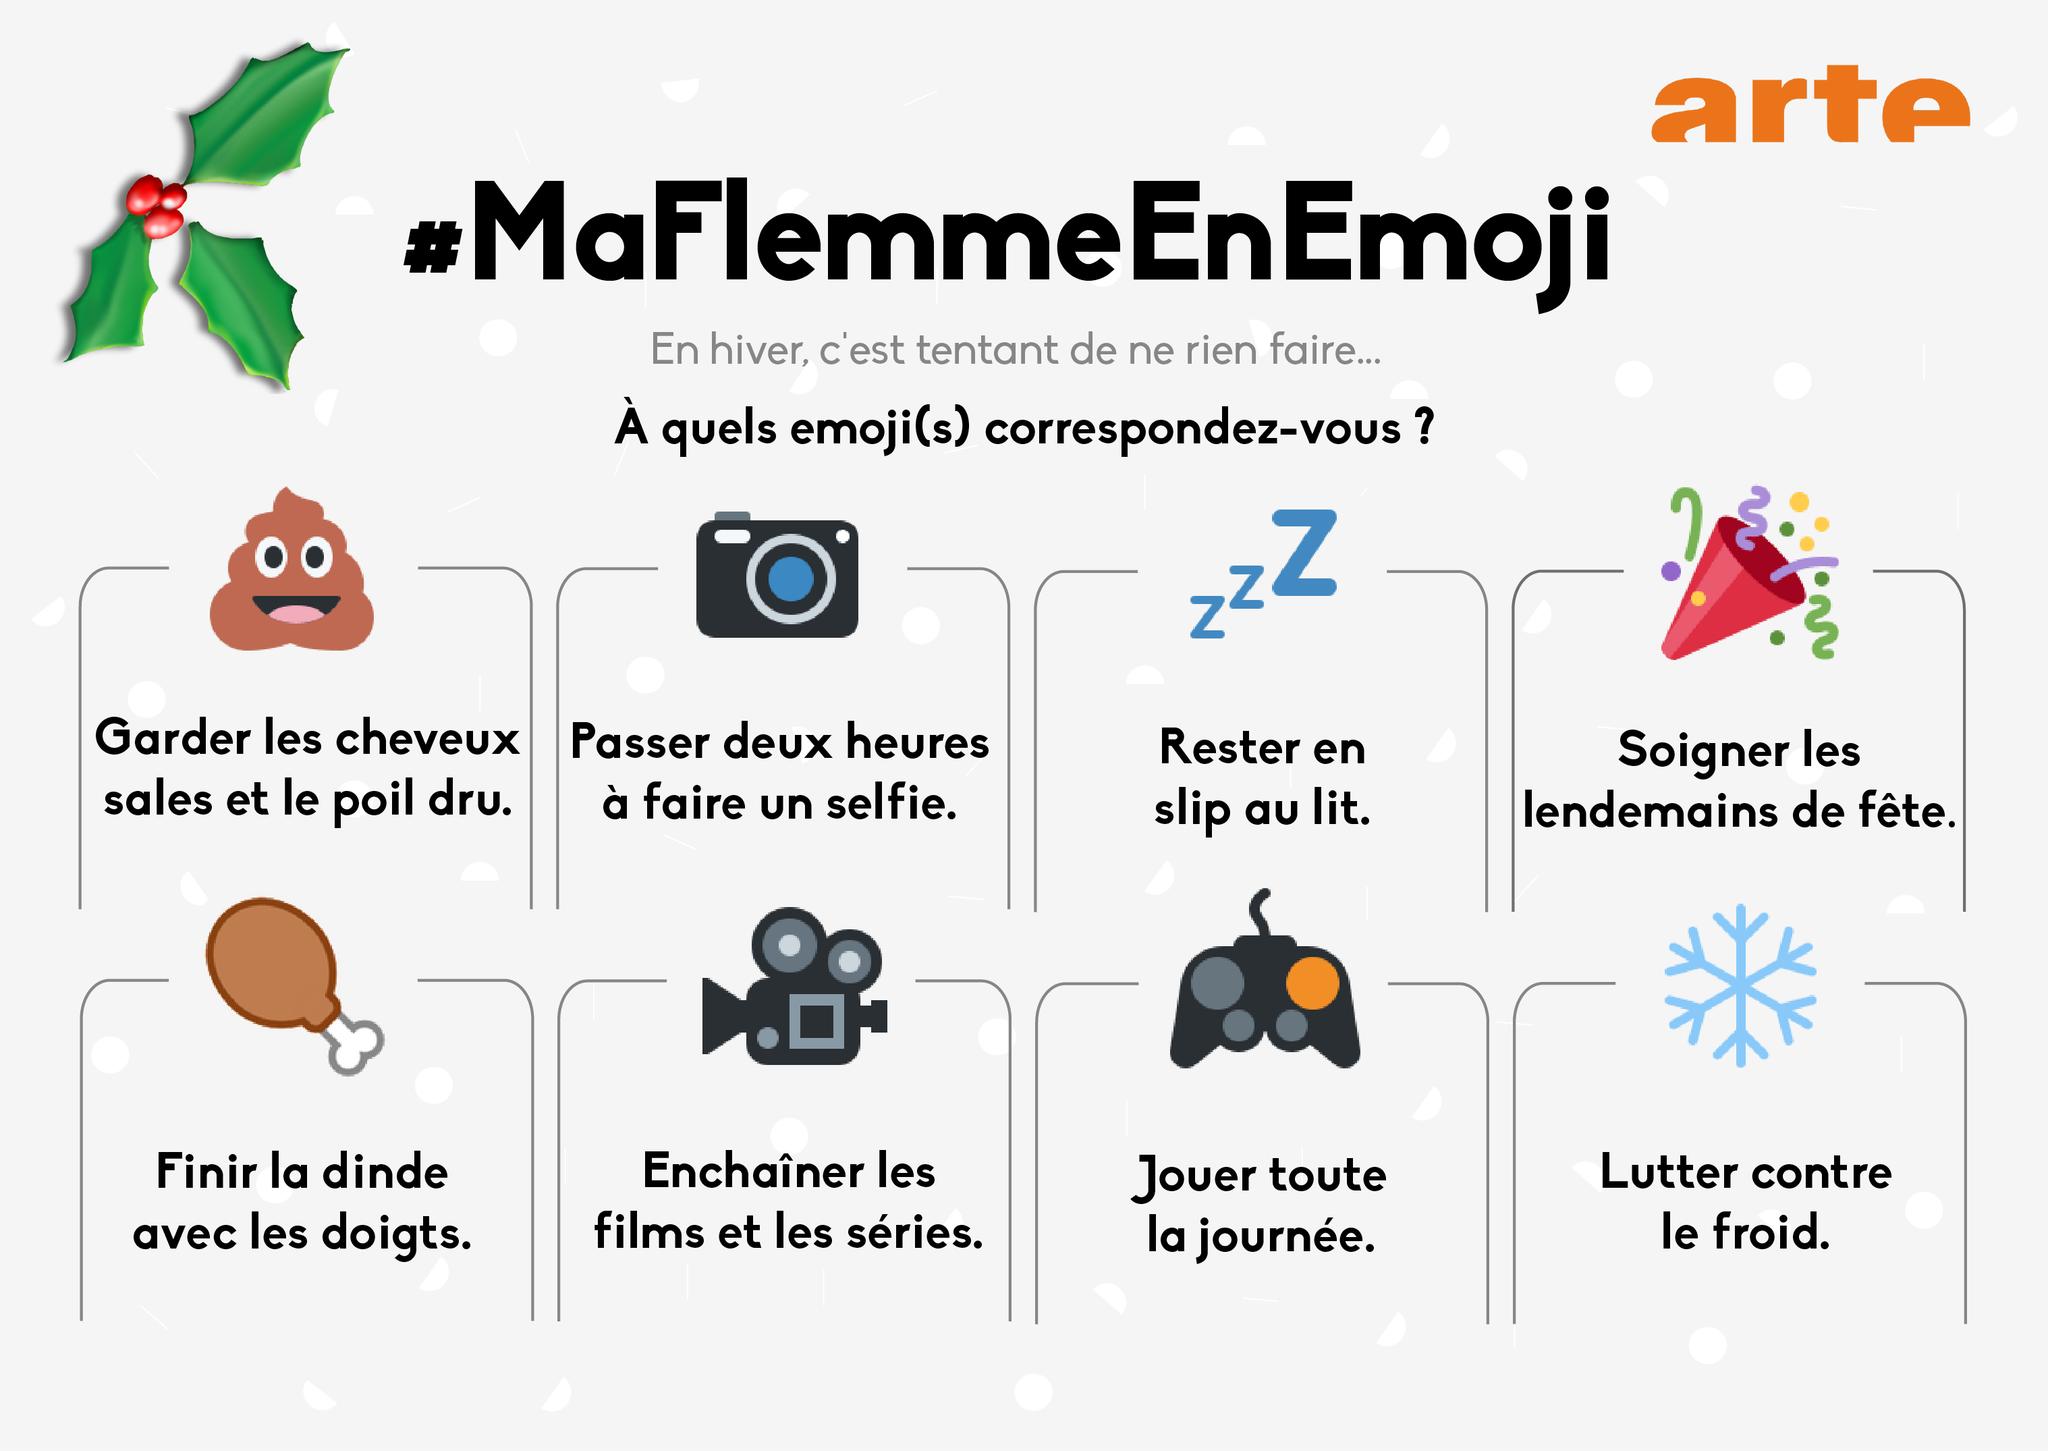 Engourdi(e) par l'hiver ? Tweetez #MaFlemmeEnEmoji + 🎥, 🎮, ❄️, 💩, 📷, 💤, 🎉 ou 🍗 à @ARTEfr et recevez nos suggestions. https://t.co/Z4QjtEFEfS